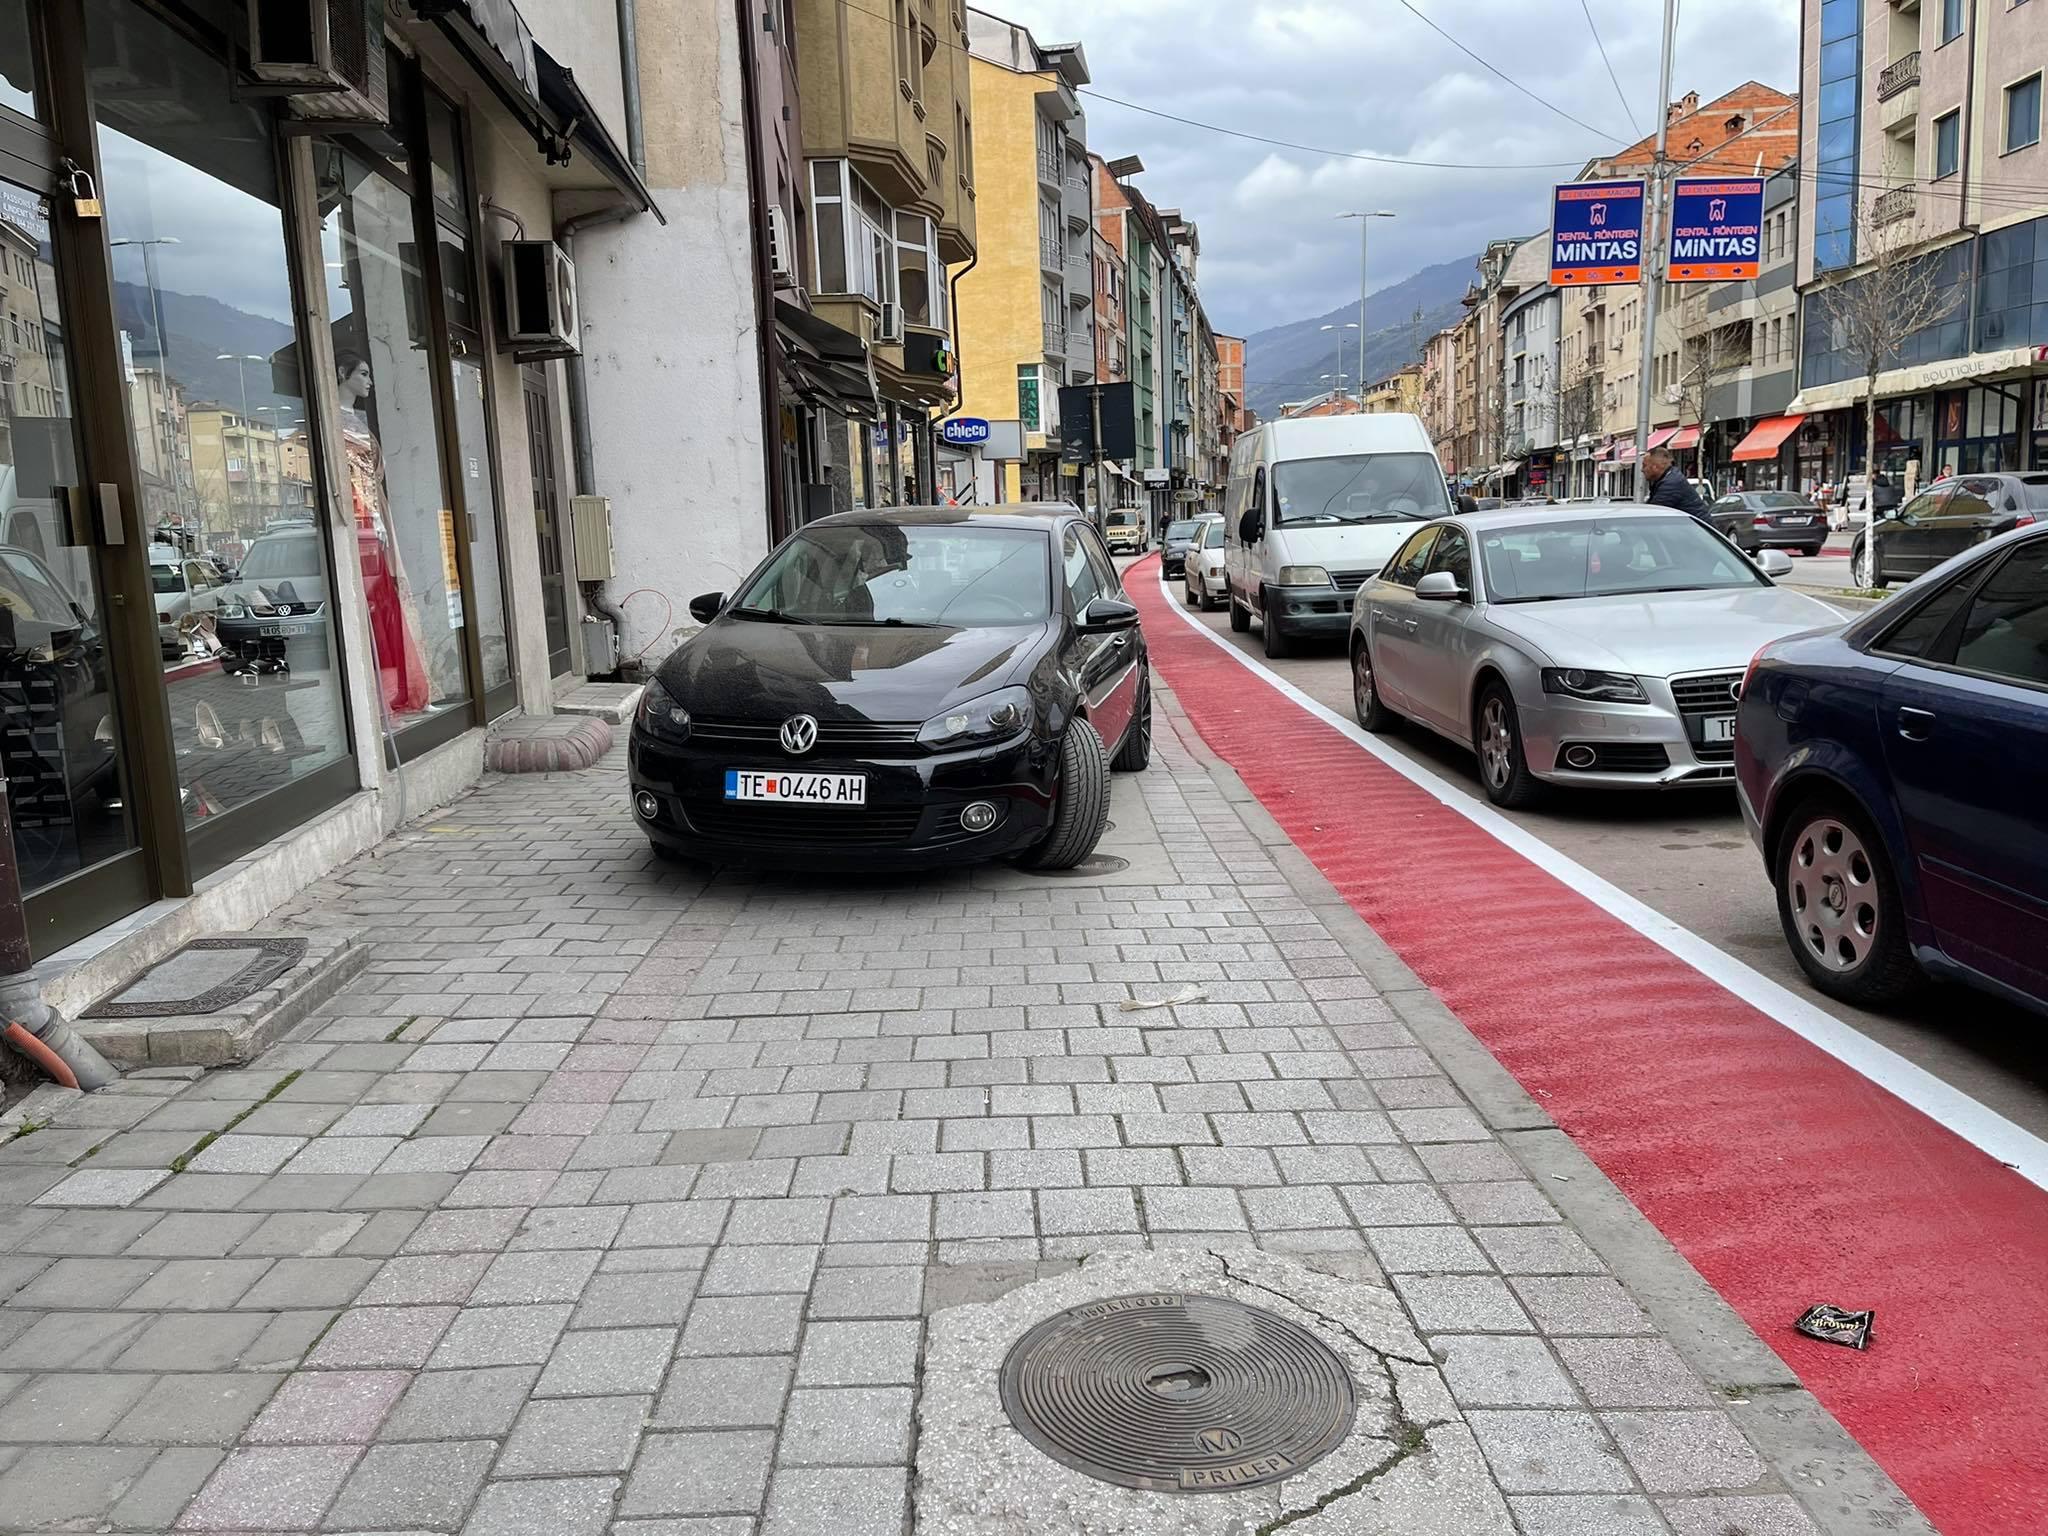 Qytetarët e Tetovës me kritika të ashpra për shënjimin e shtegut për biçikleta